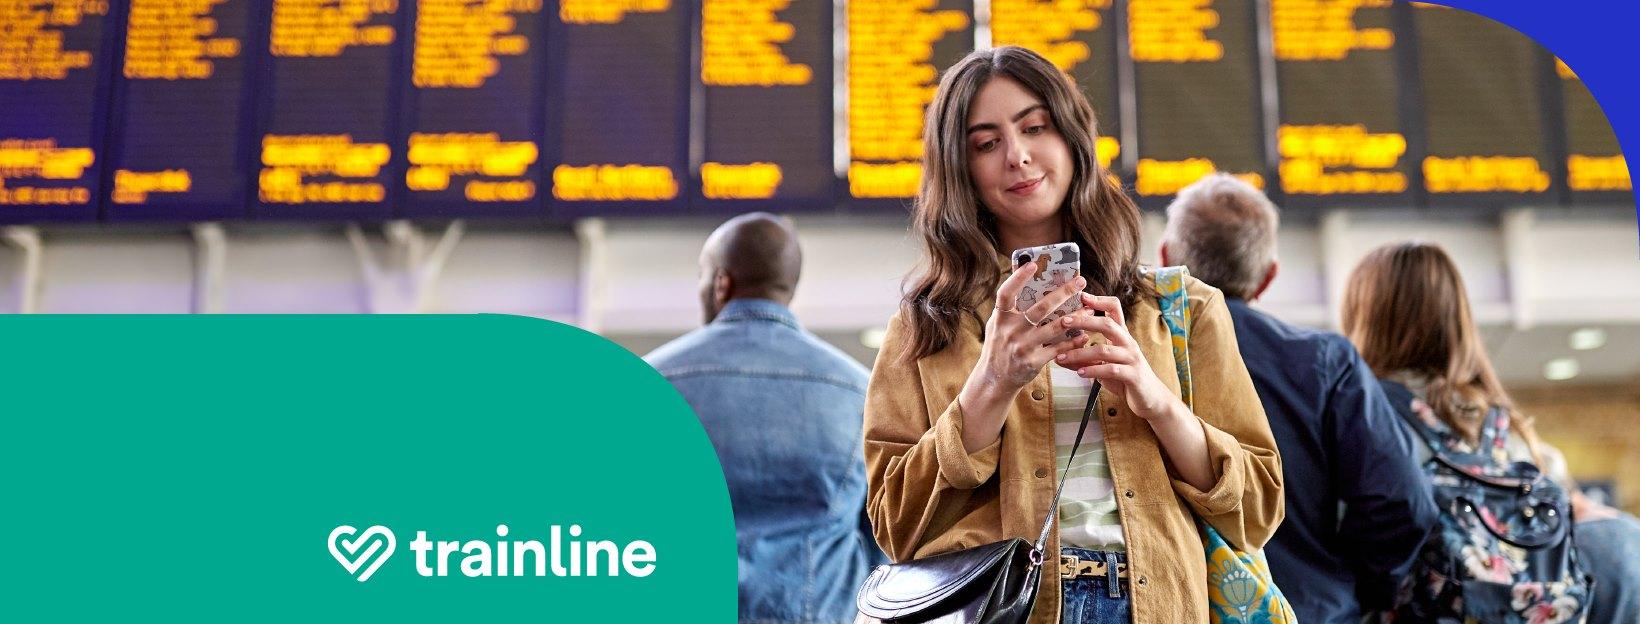 英國國鐵購票平台trainline